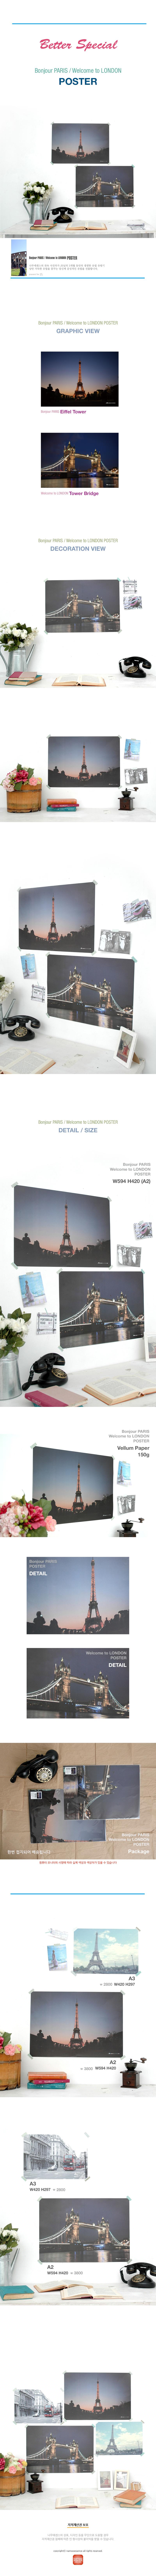 웰컴투 런던 포토그래픽 포스터-A2 - 씨엔지, 3,800원, 홈갤러리, 포스터